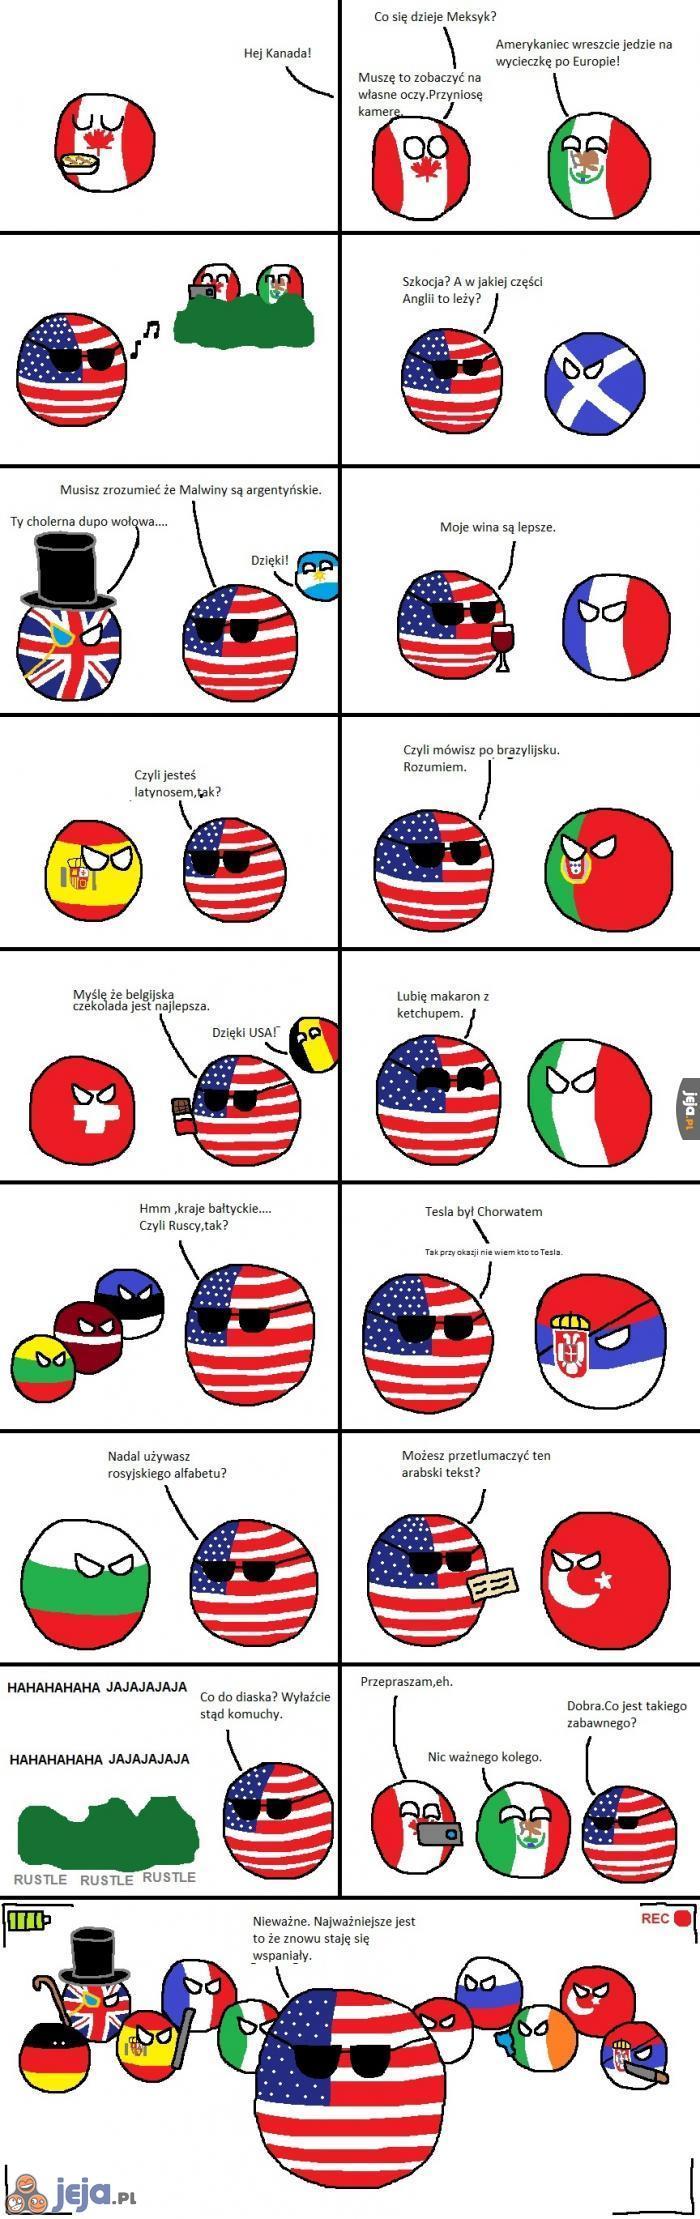 USA jedzie na wycieczkę po Europie